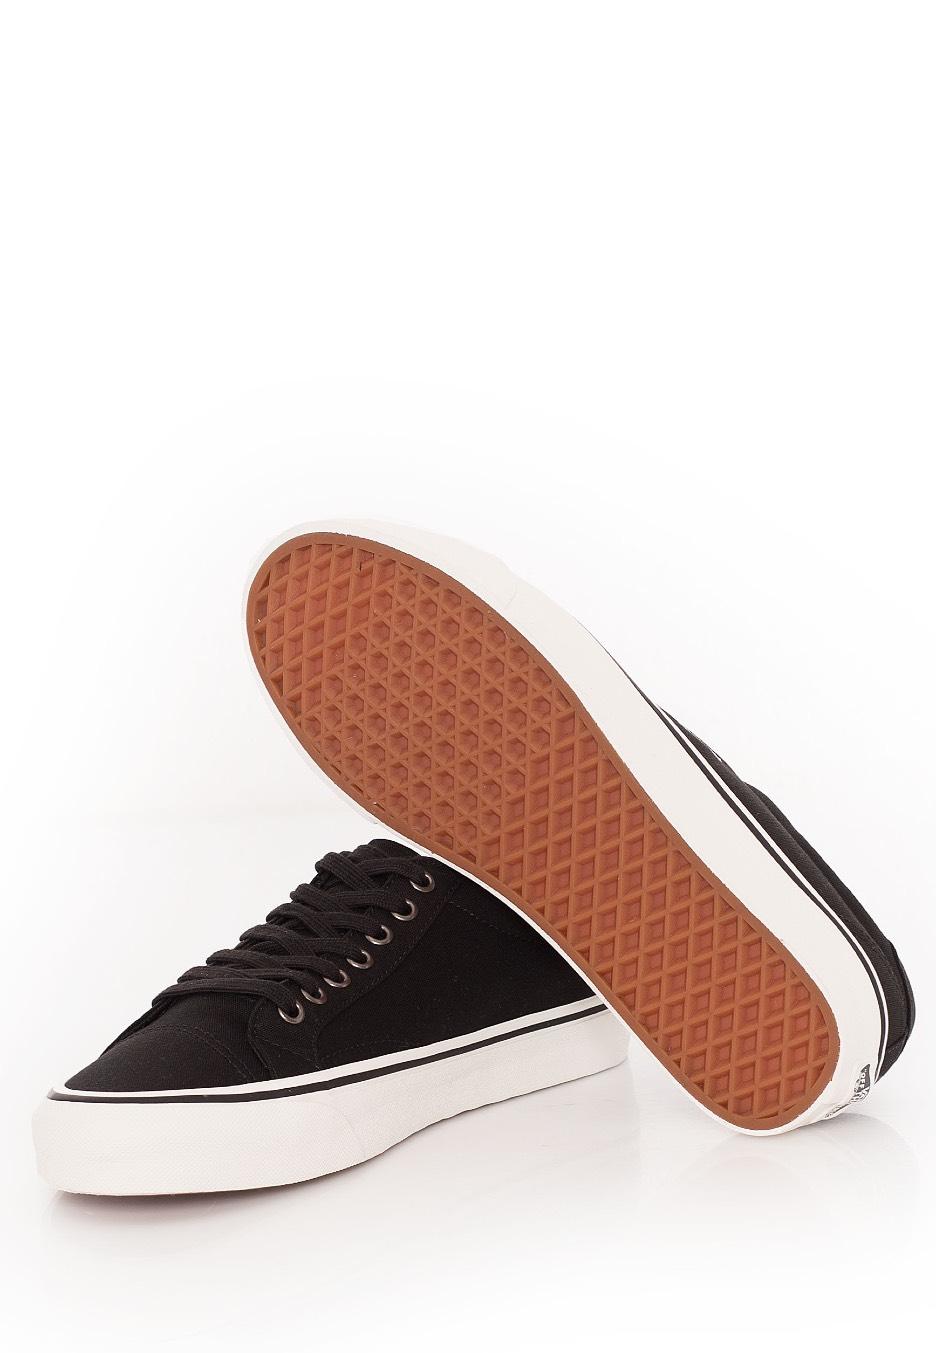 787ae399fc10 Vans court icon black cloud dancer shoes jpg 936x1353 Vans icon